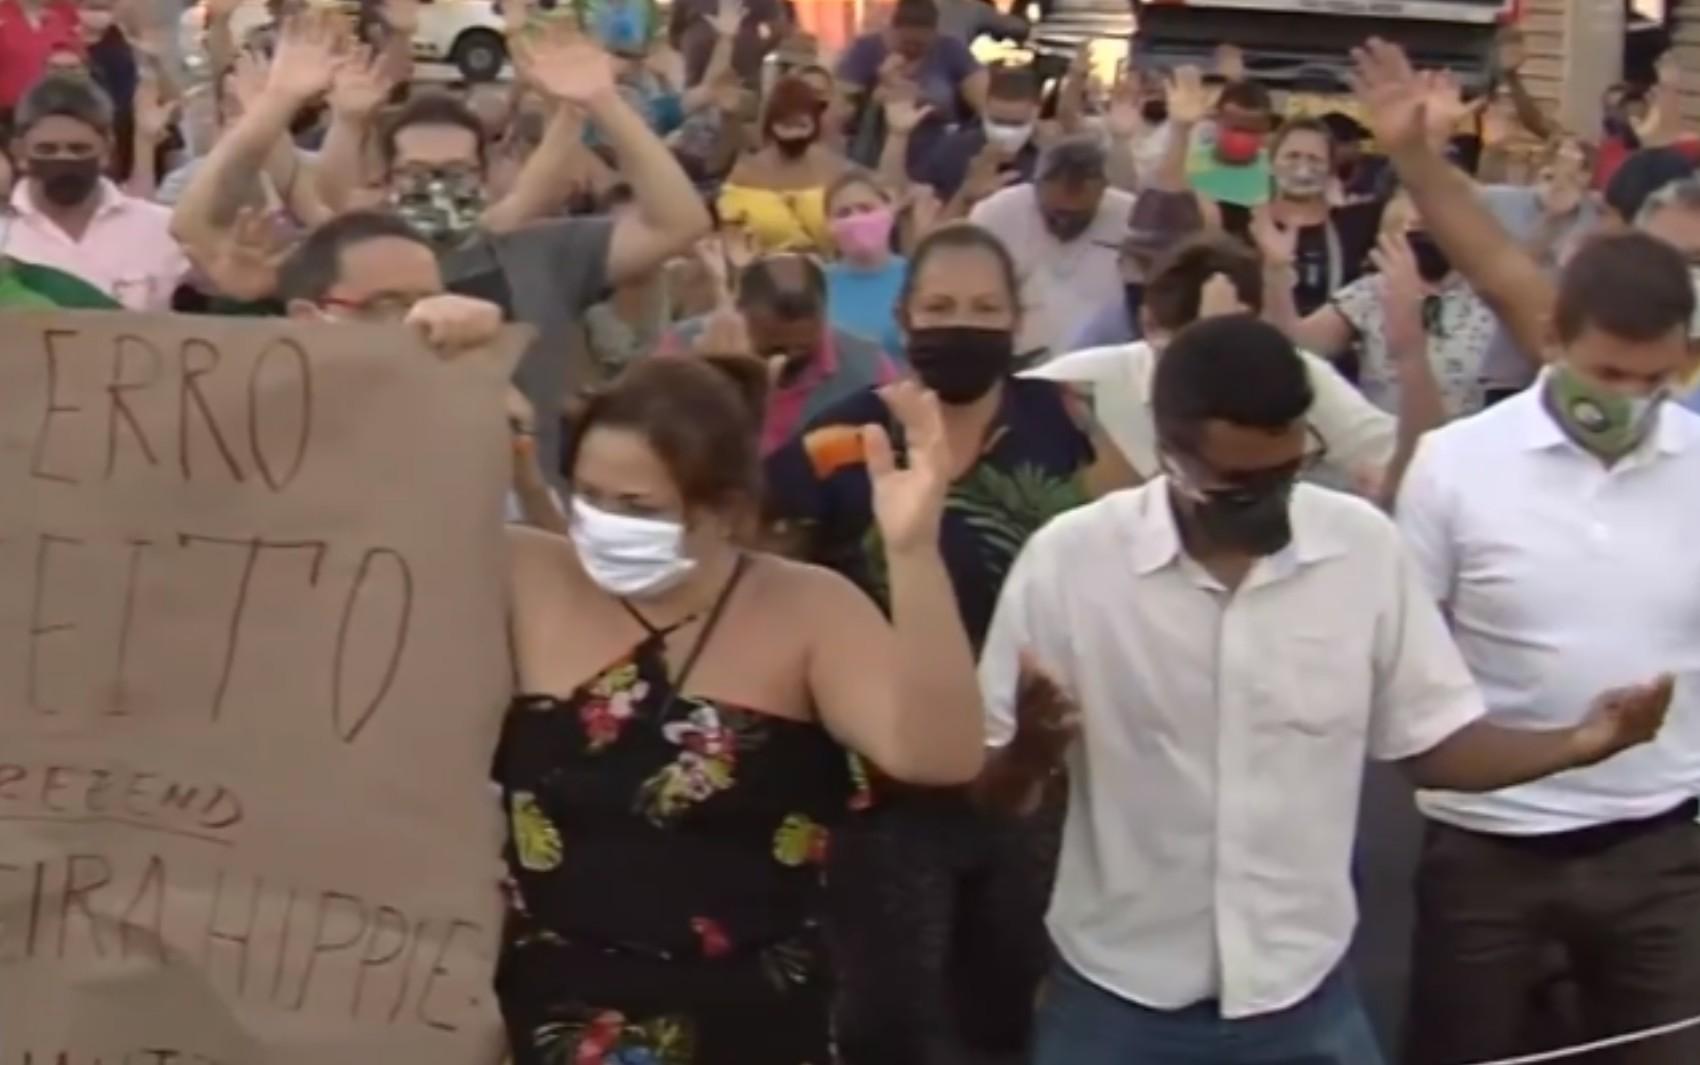 Após protestos, feira Hippie deve voltar a funcionar no próximo fim de semana, em Goiânia